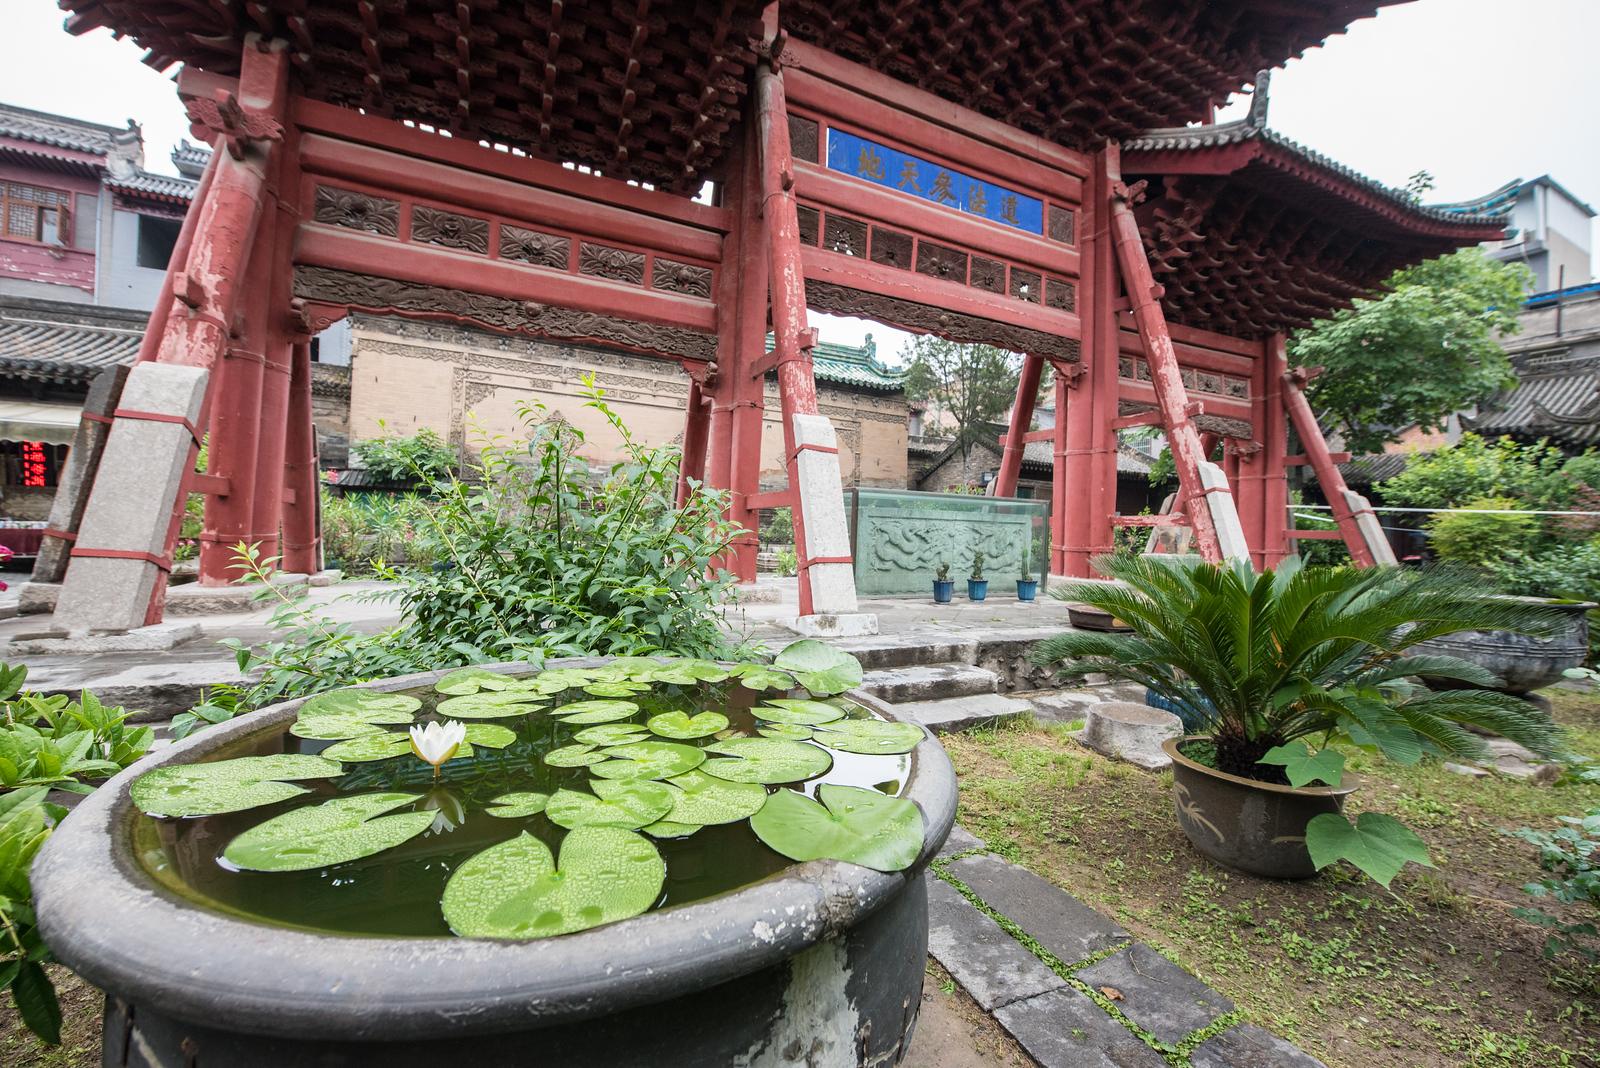 Grand mosque in Xian